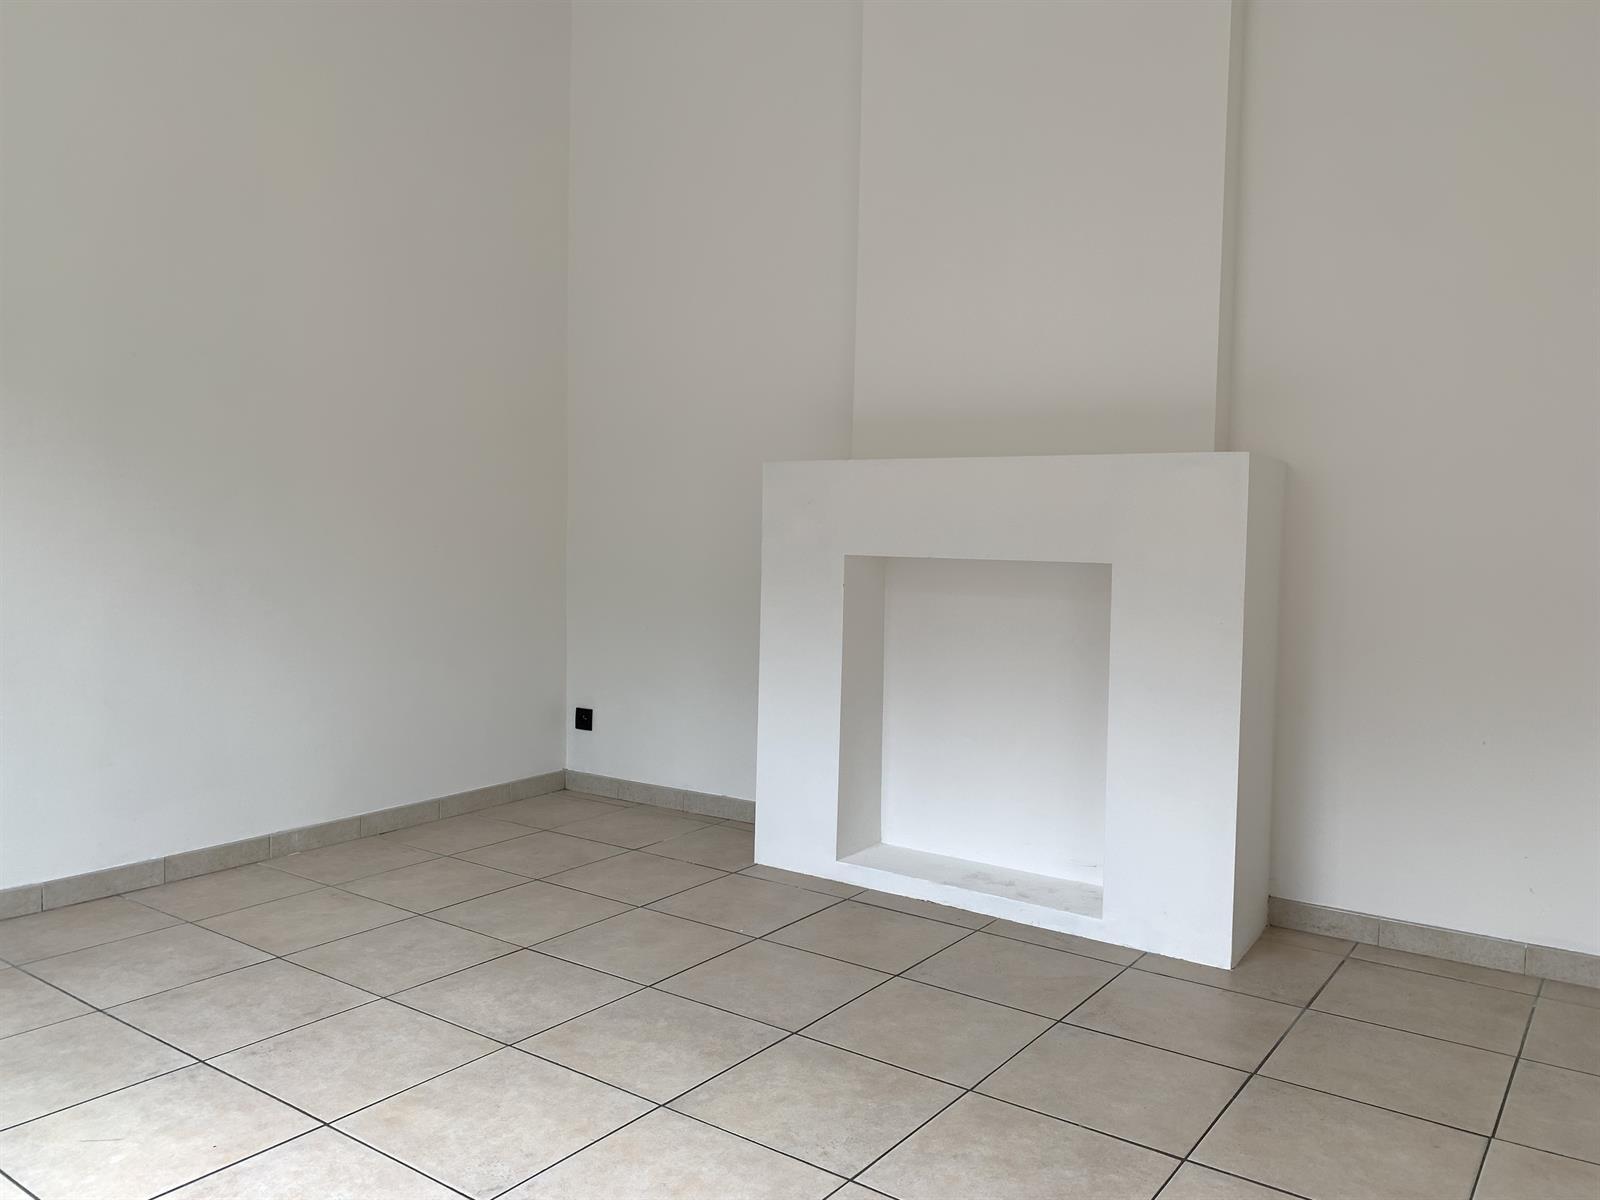 Maison de caractère - Court-St.-Etienne - #4454949-8